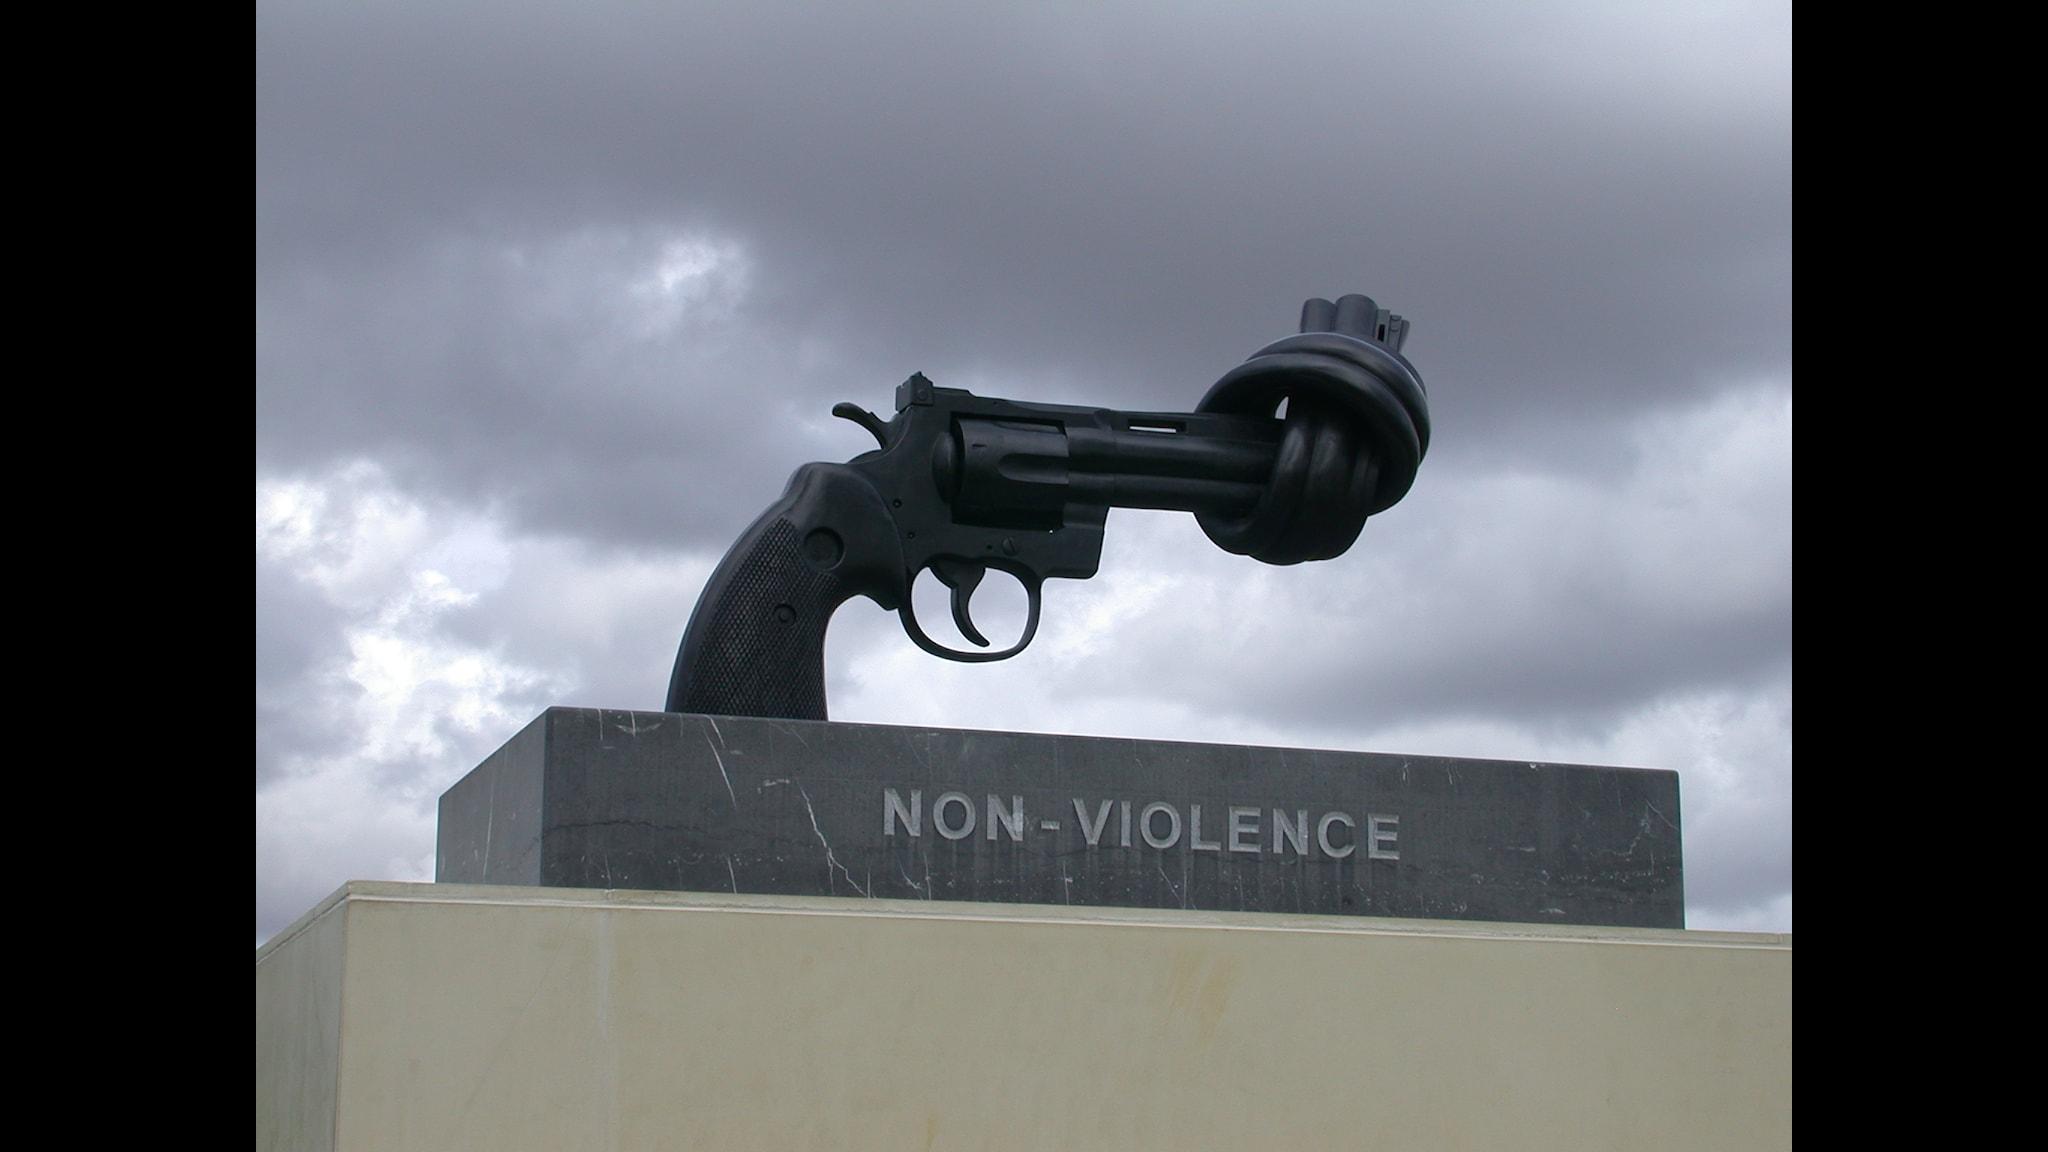 Går det att stoppa ett tredje världskrig? Non-violence, skulptur av Carl Fredrik Reuterswärd utanför fredsmuseet Mémorial de Caen, Frankrike. Bild: Tico, Flickr.